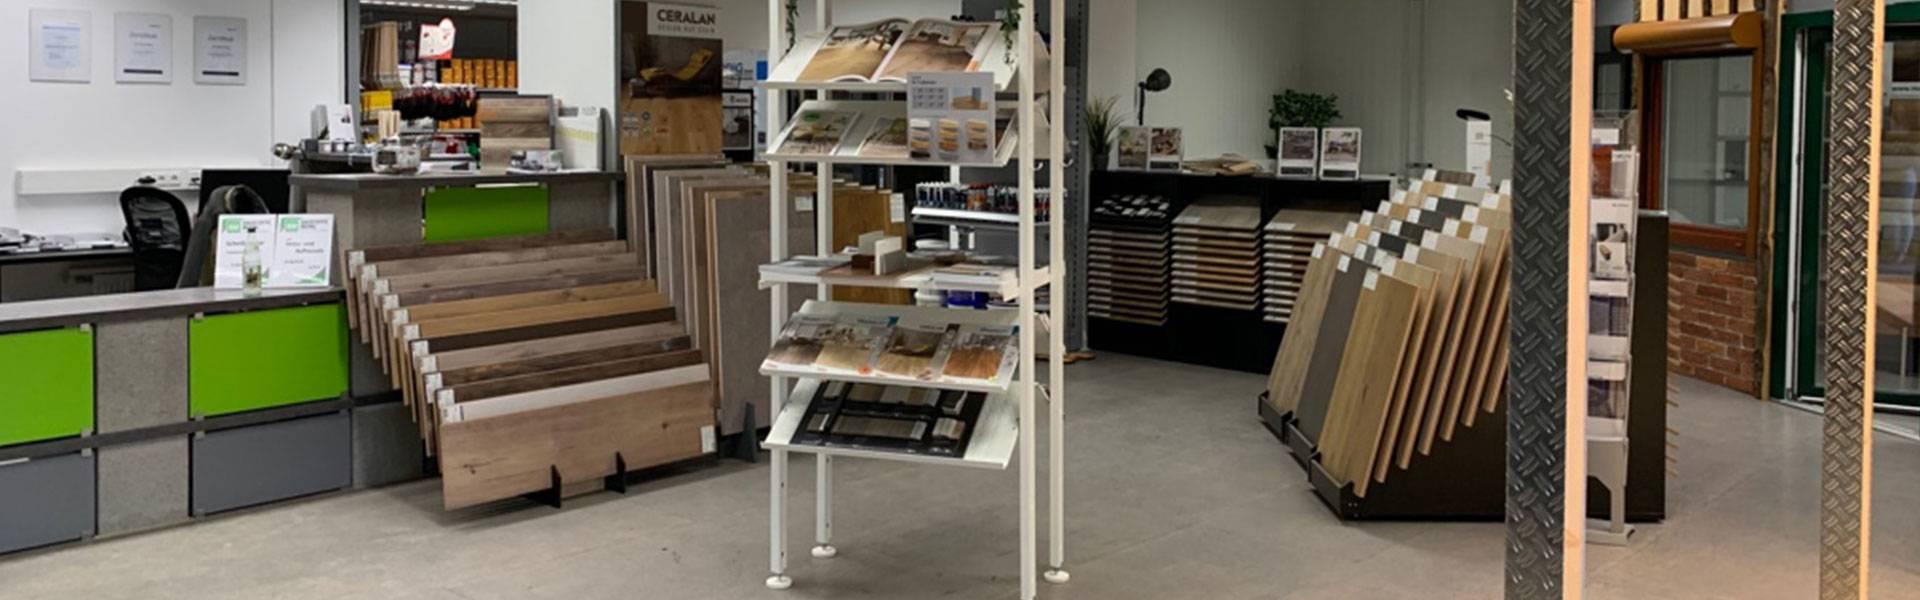 Auswahl von Bodenbelägen in der Ausstellung